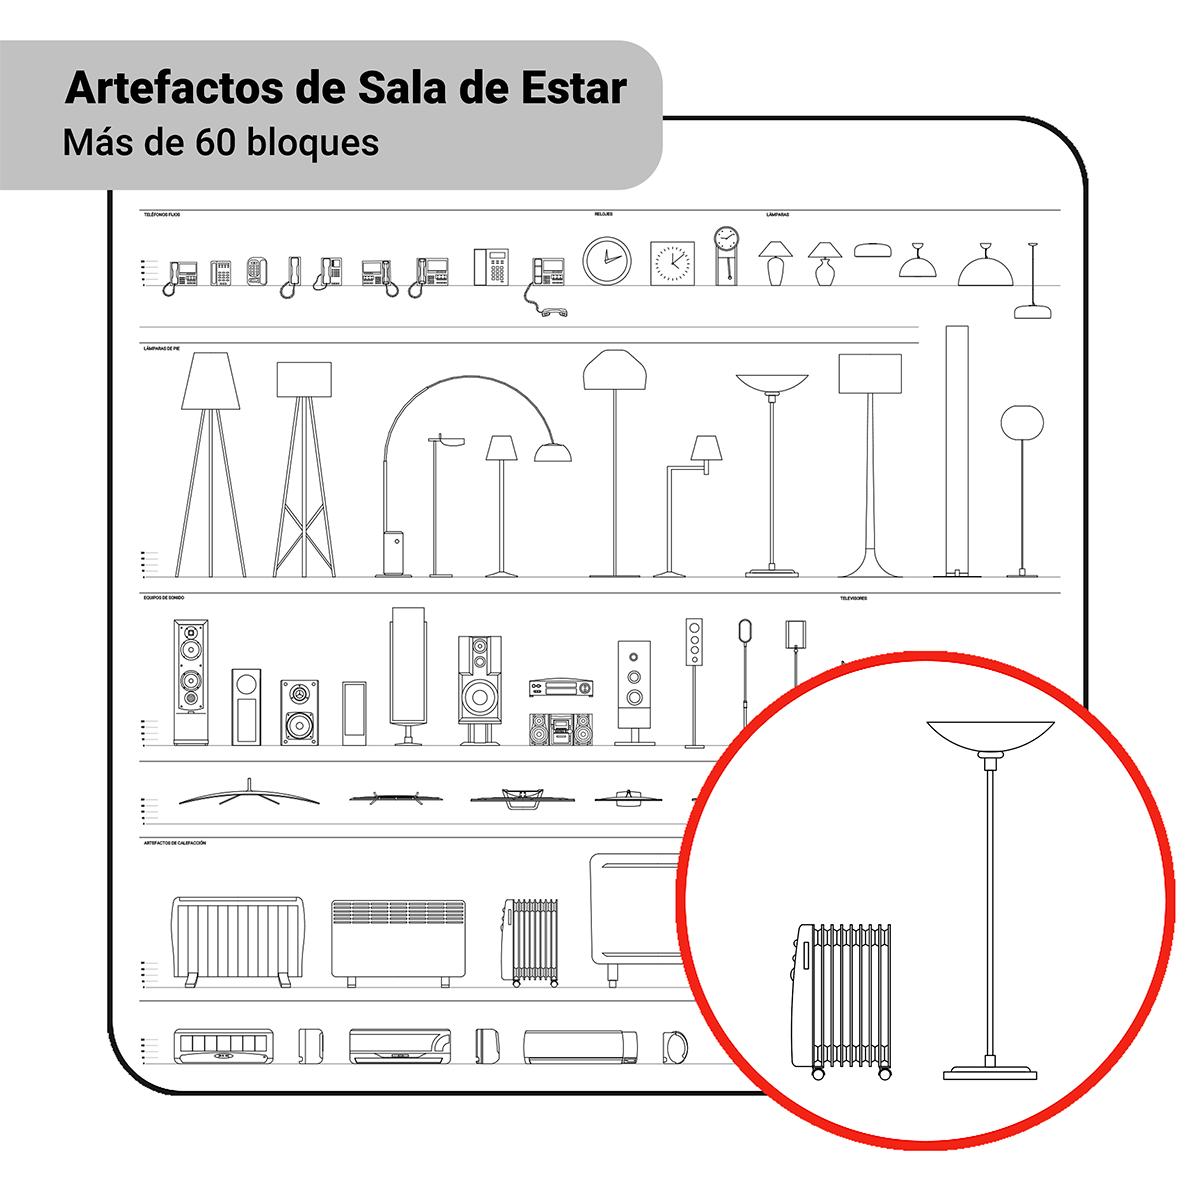 Bloques: Artefactos de Sala de Estar